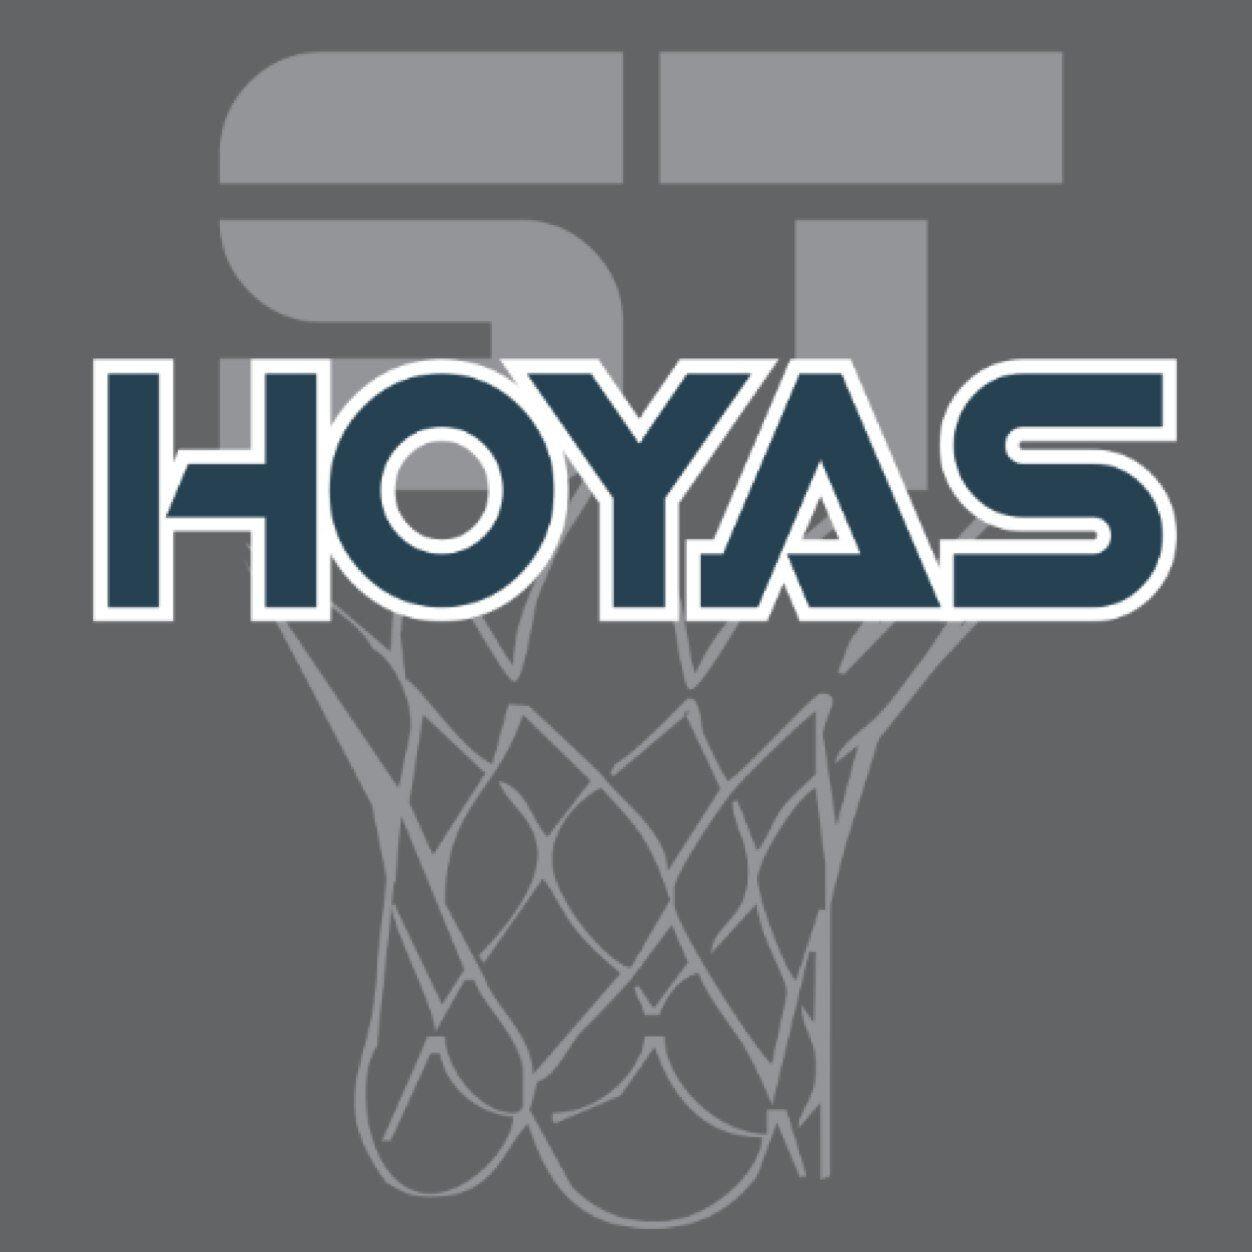 South Texas Hoyas - South Texas Hoyas Blue